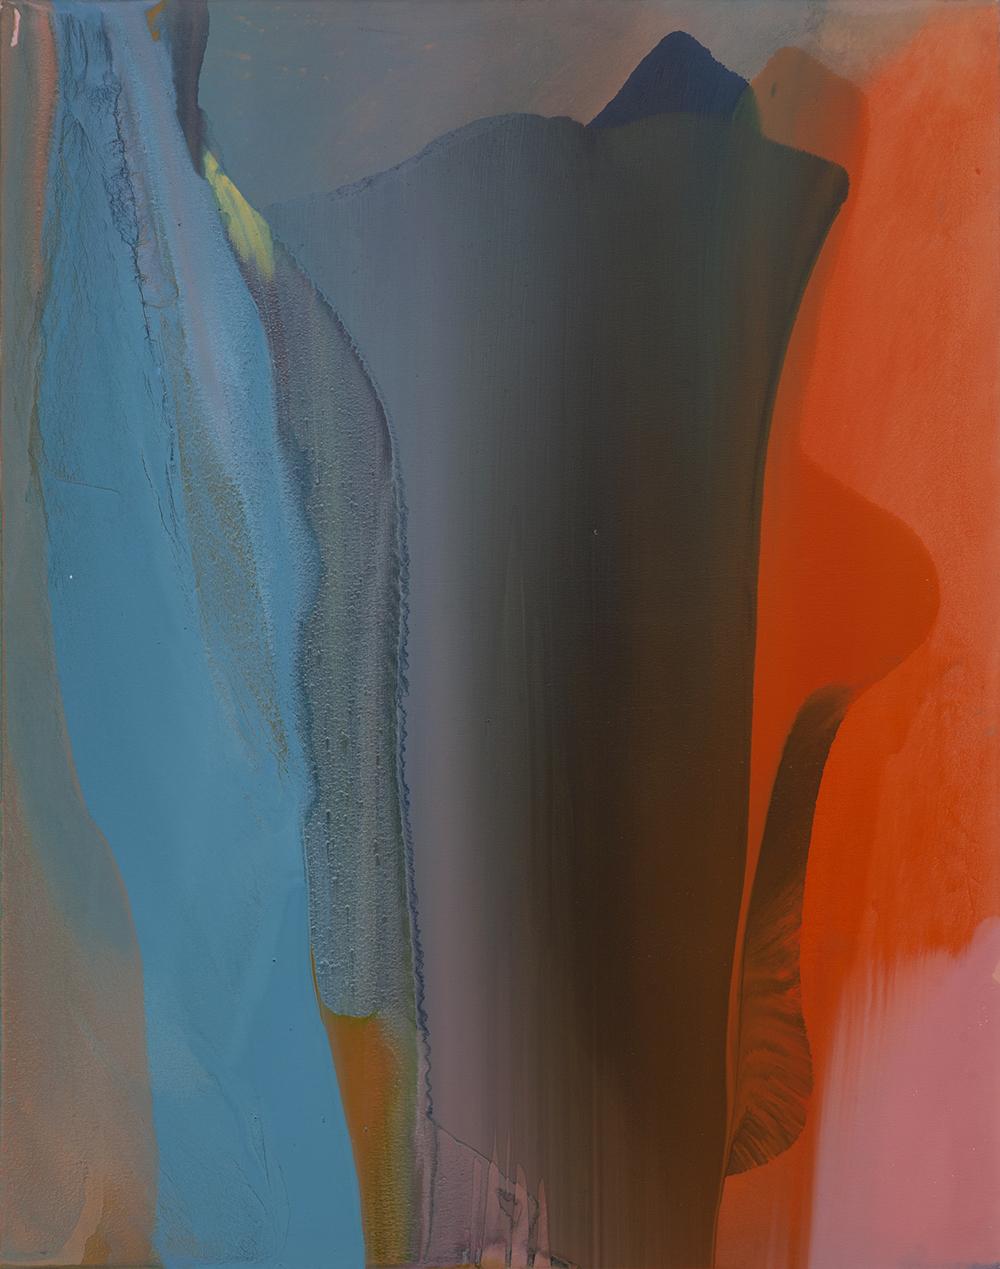 Jarosław Fliciński, Aug 2013 / May 2014, 185 x 145 cm, akryl na płótnie; Esteval (źródło: materiały prasowe)